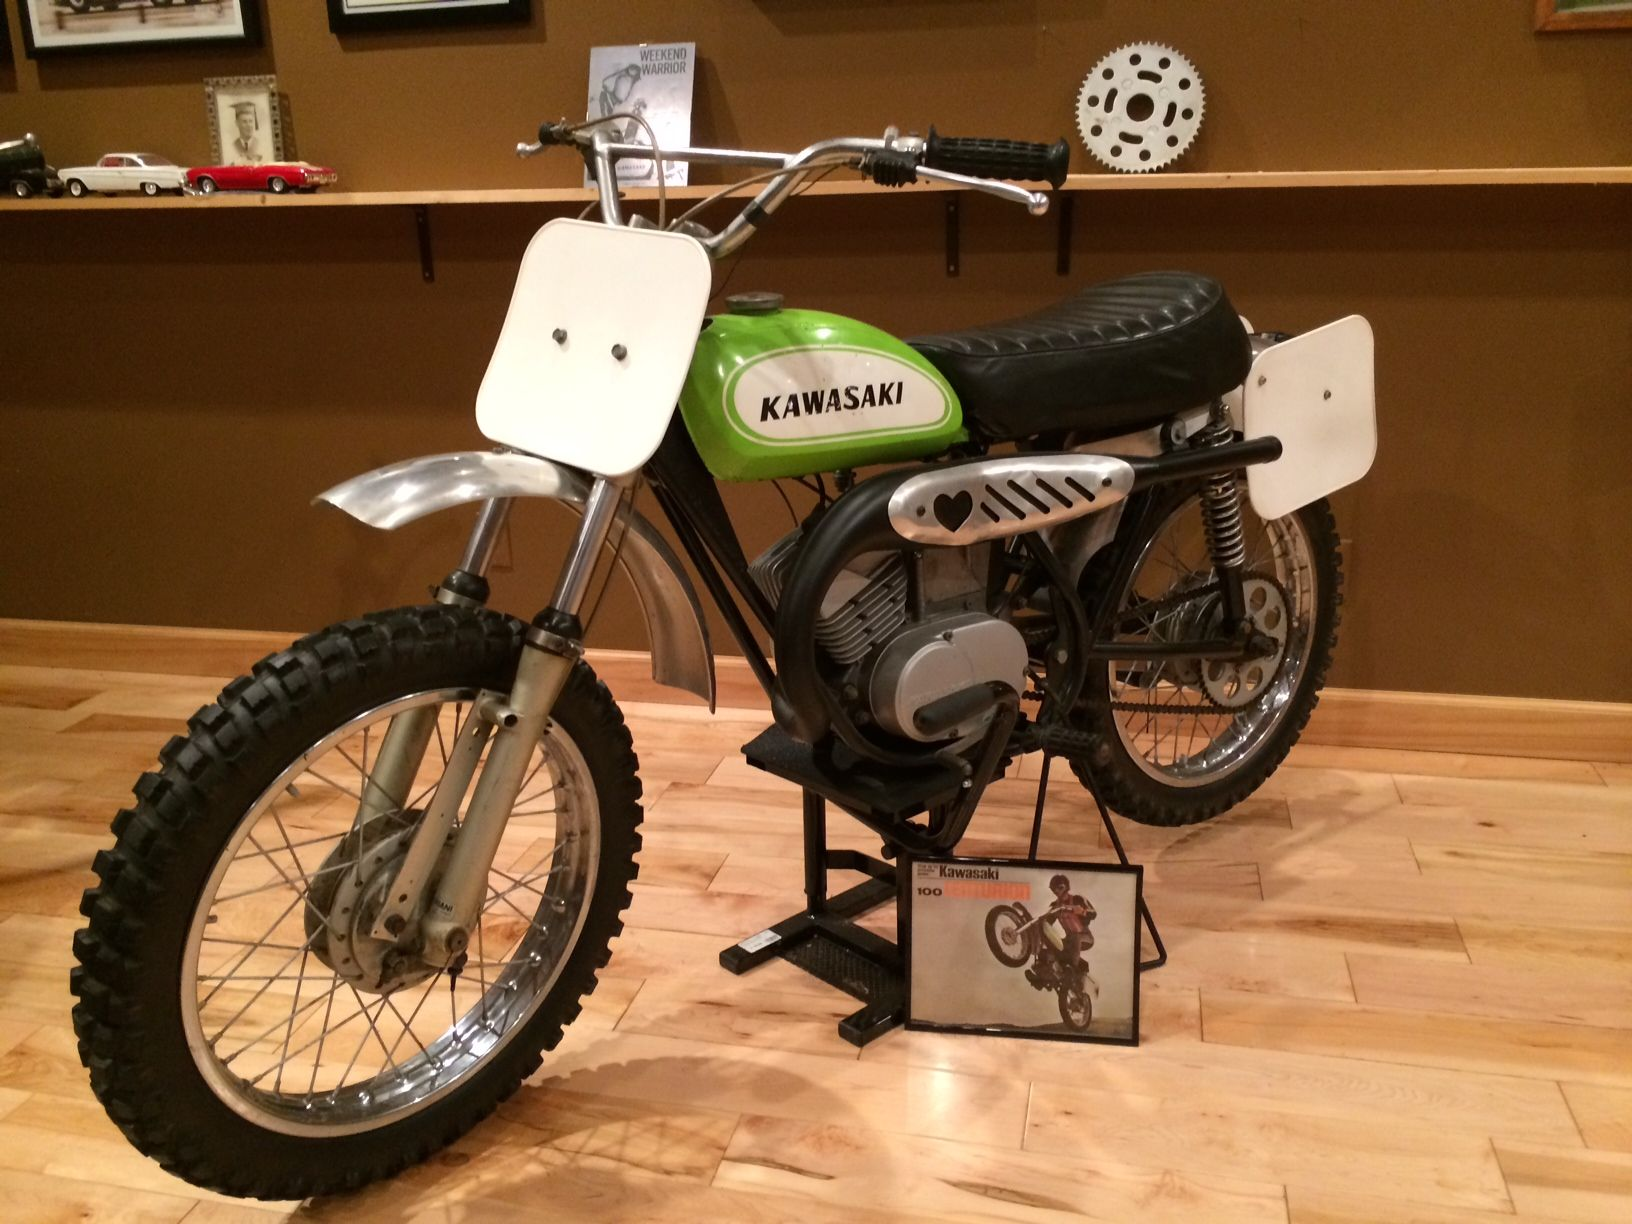 1970 Kawasaki G31m 100 Cc Centurion Japanese Motorcycle Motorcross Racing Motorcycles